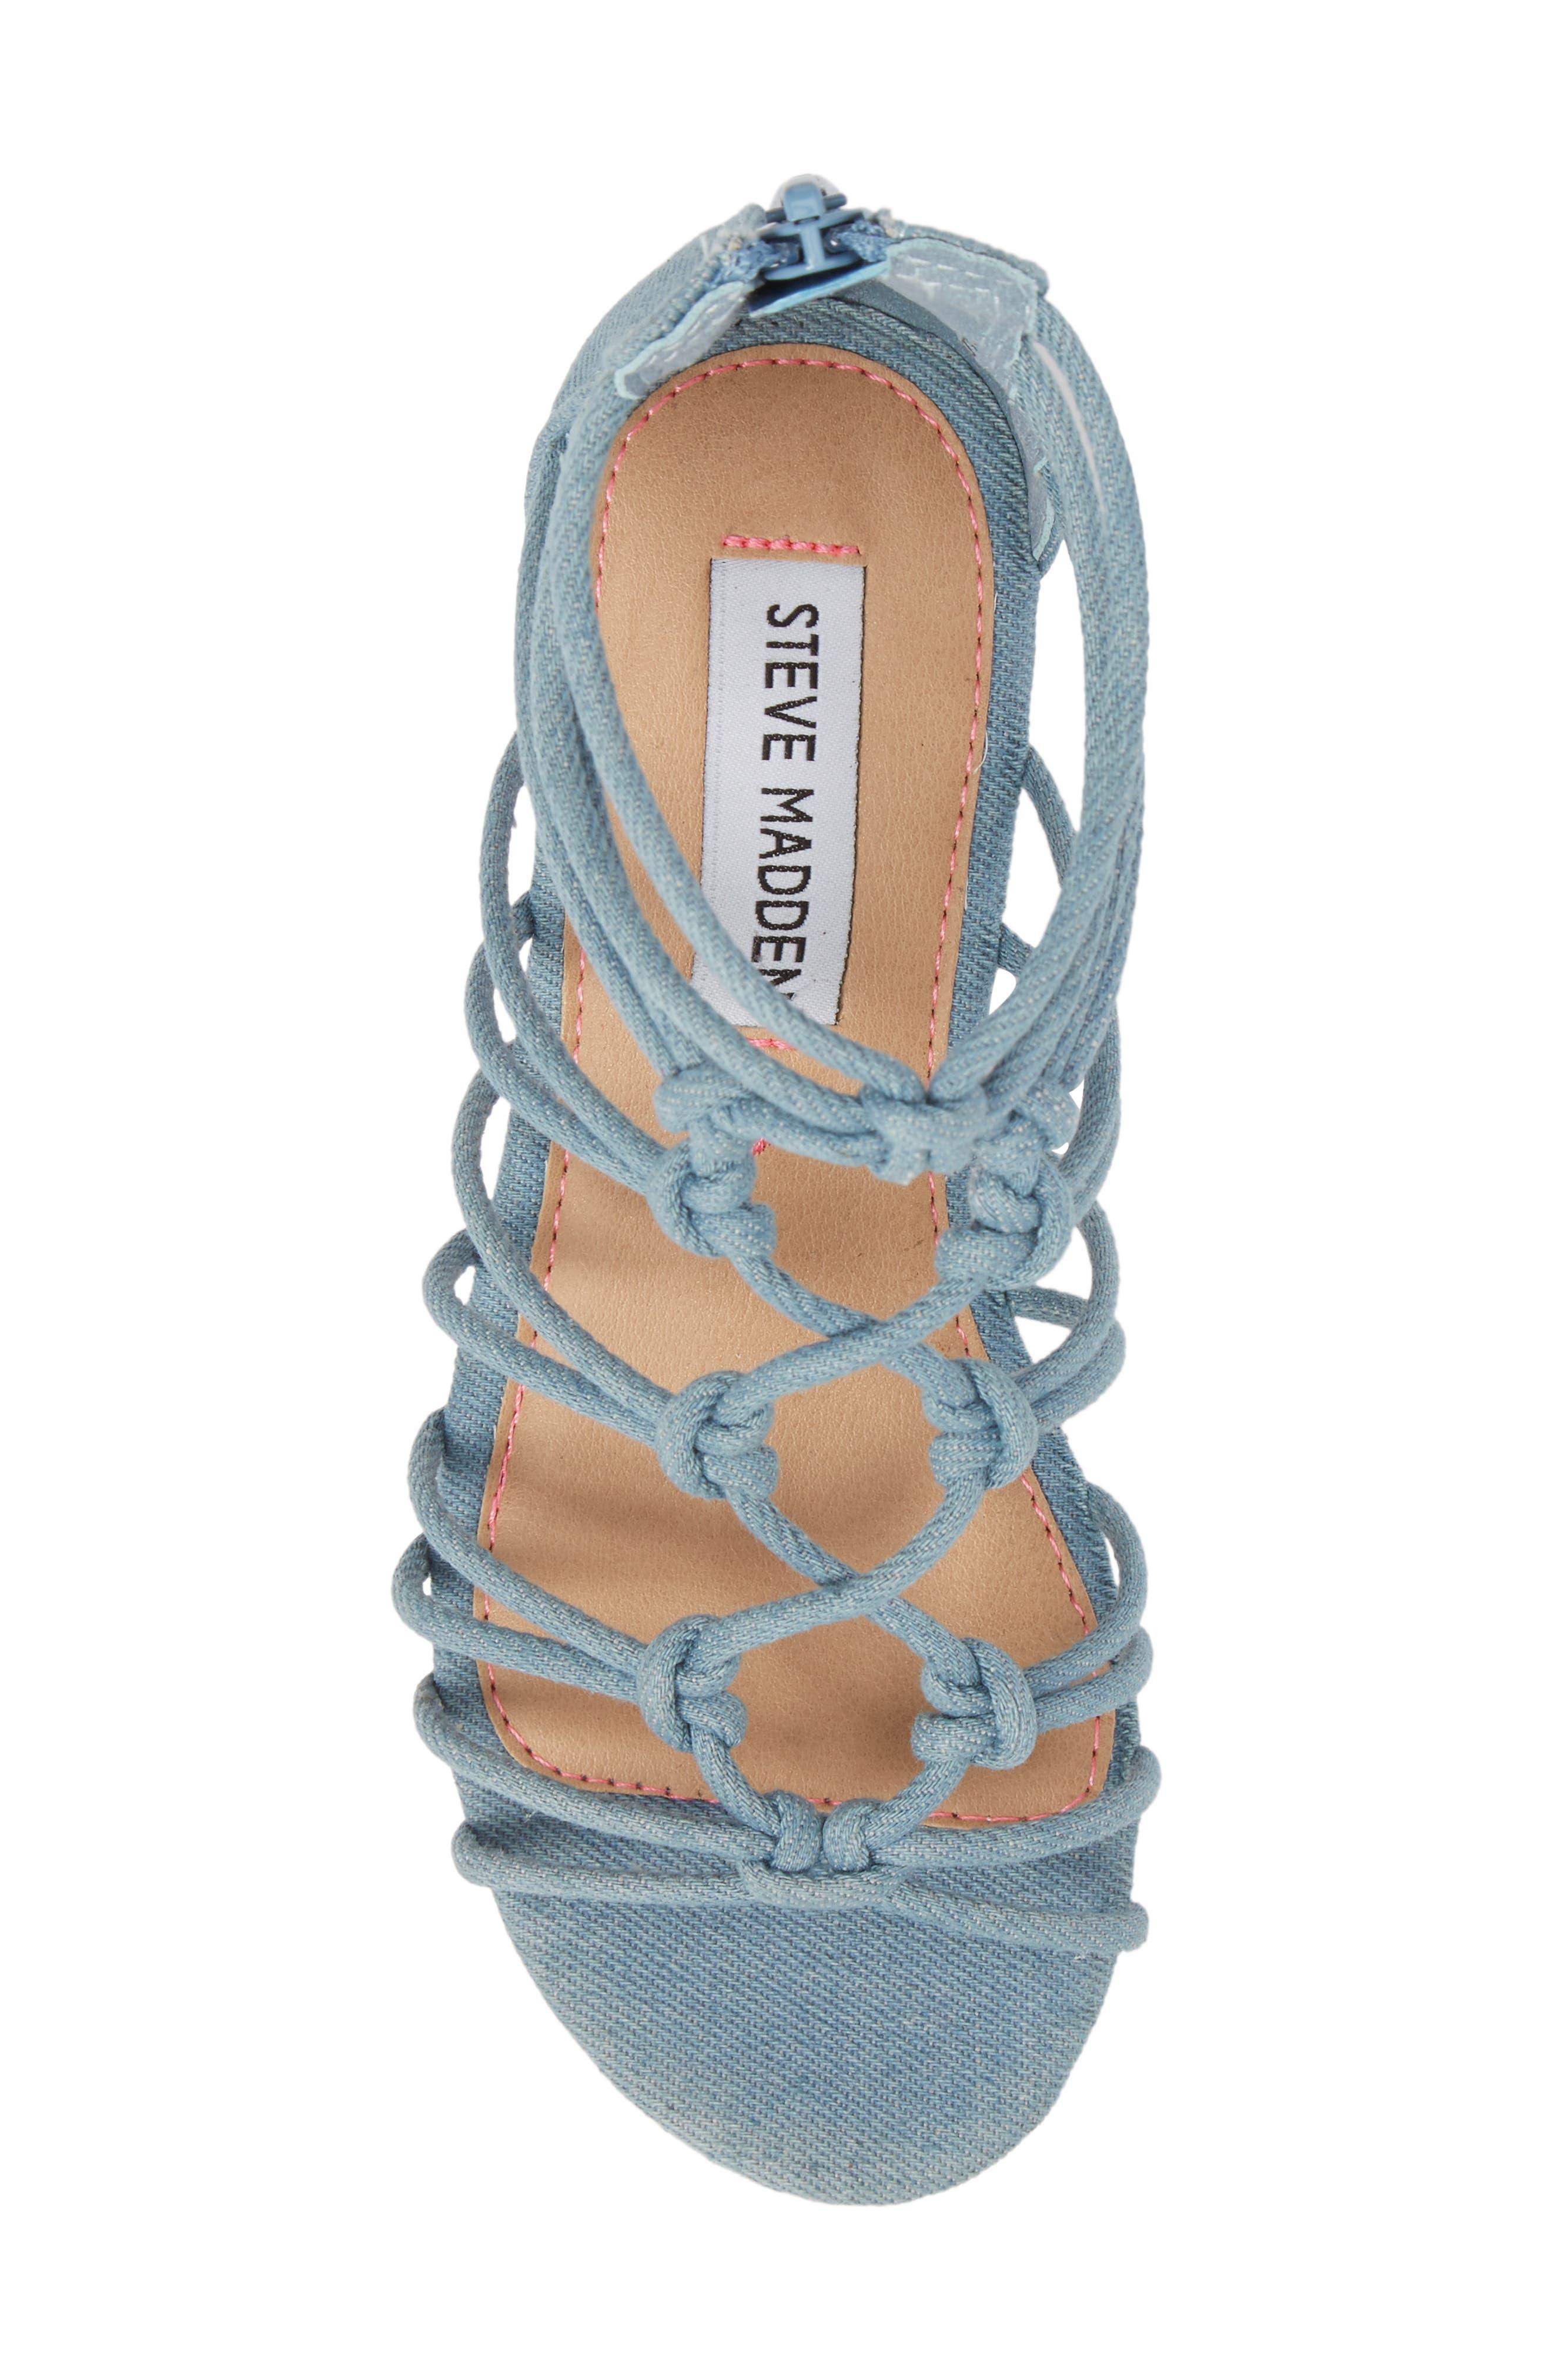 Wistfull Wedge Sandal,                             Alternate thumbnail 5, color,                             400